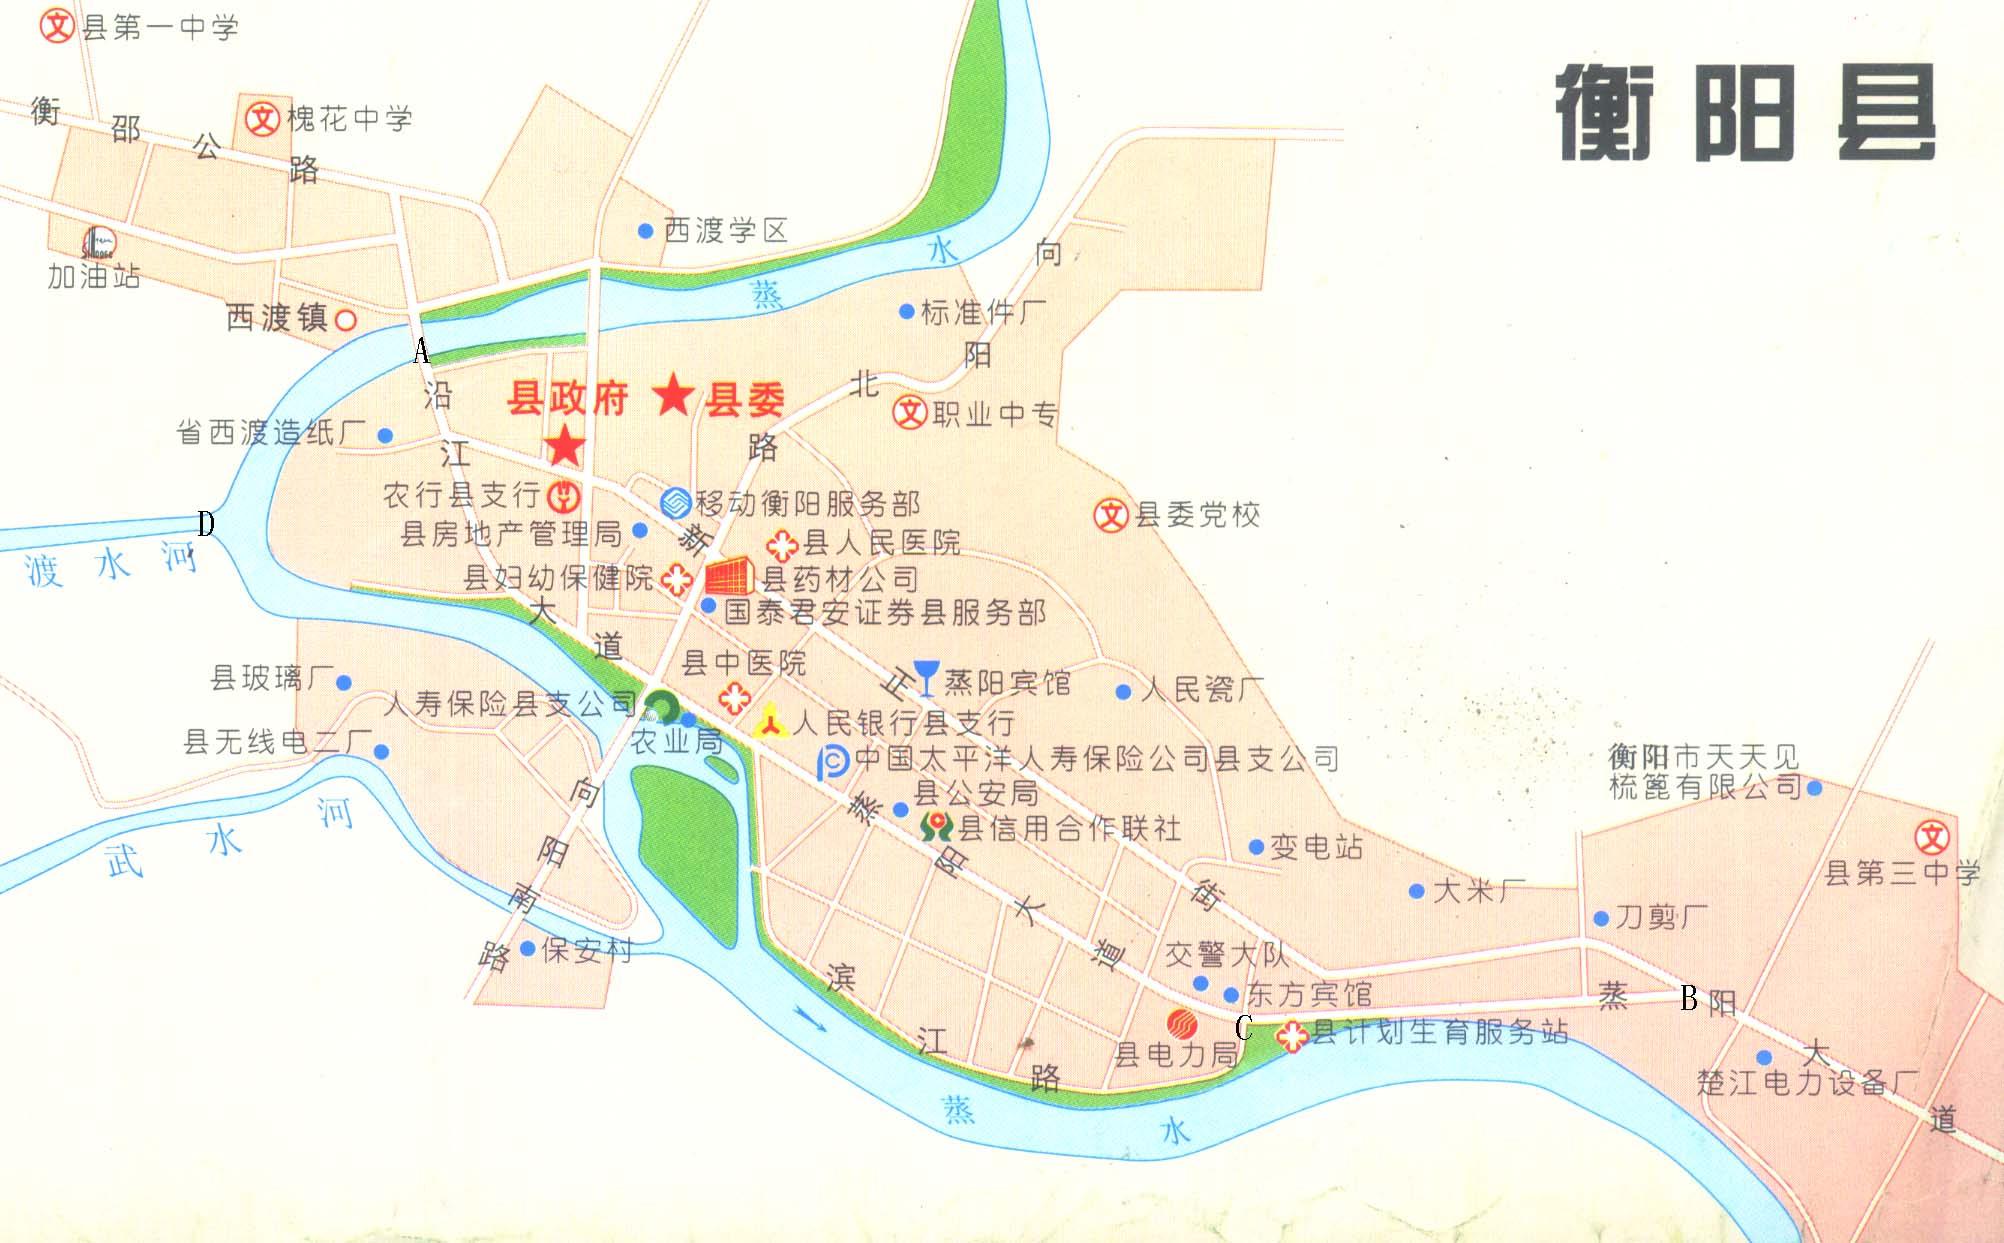 衡阳衡阳县电子地图,衡阳衡阳县行政地图全图,高清版大图